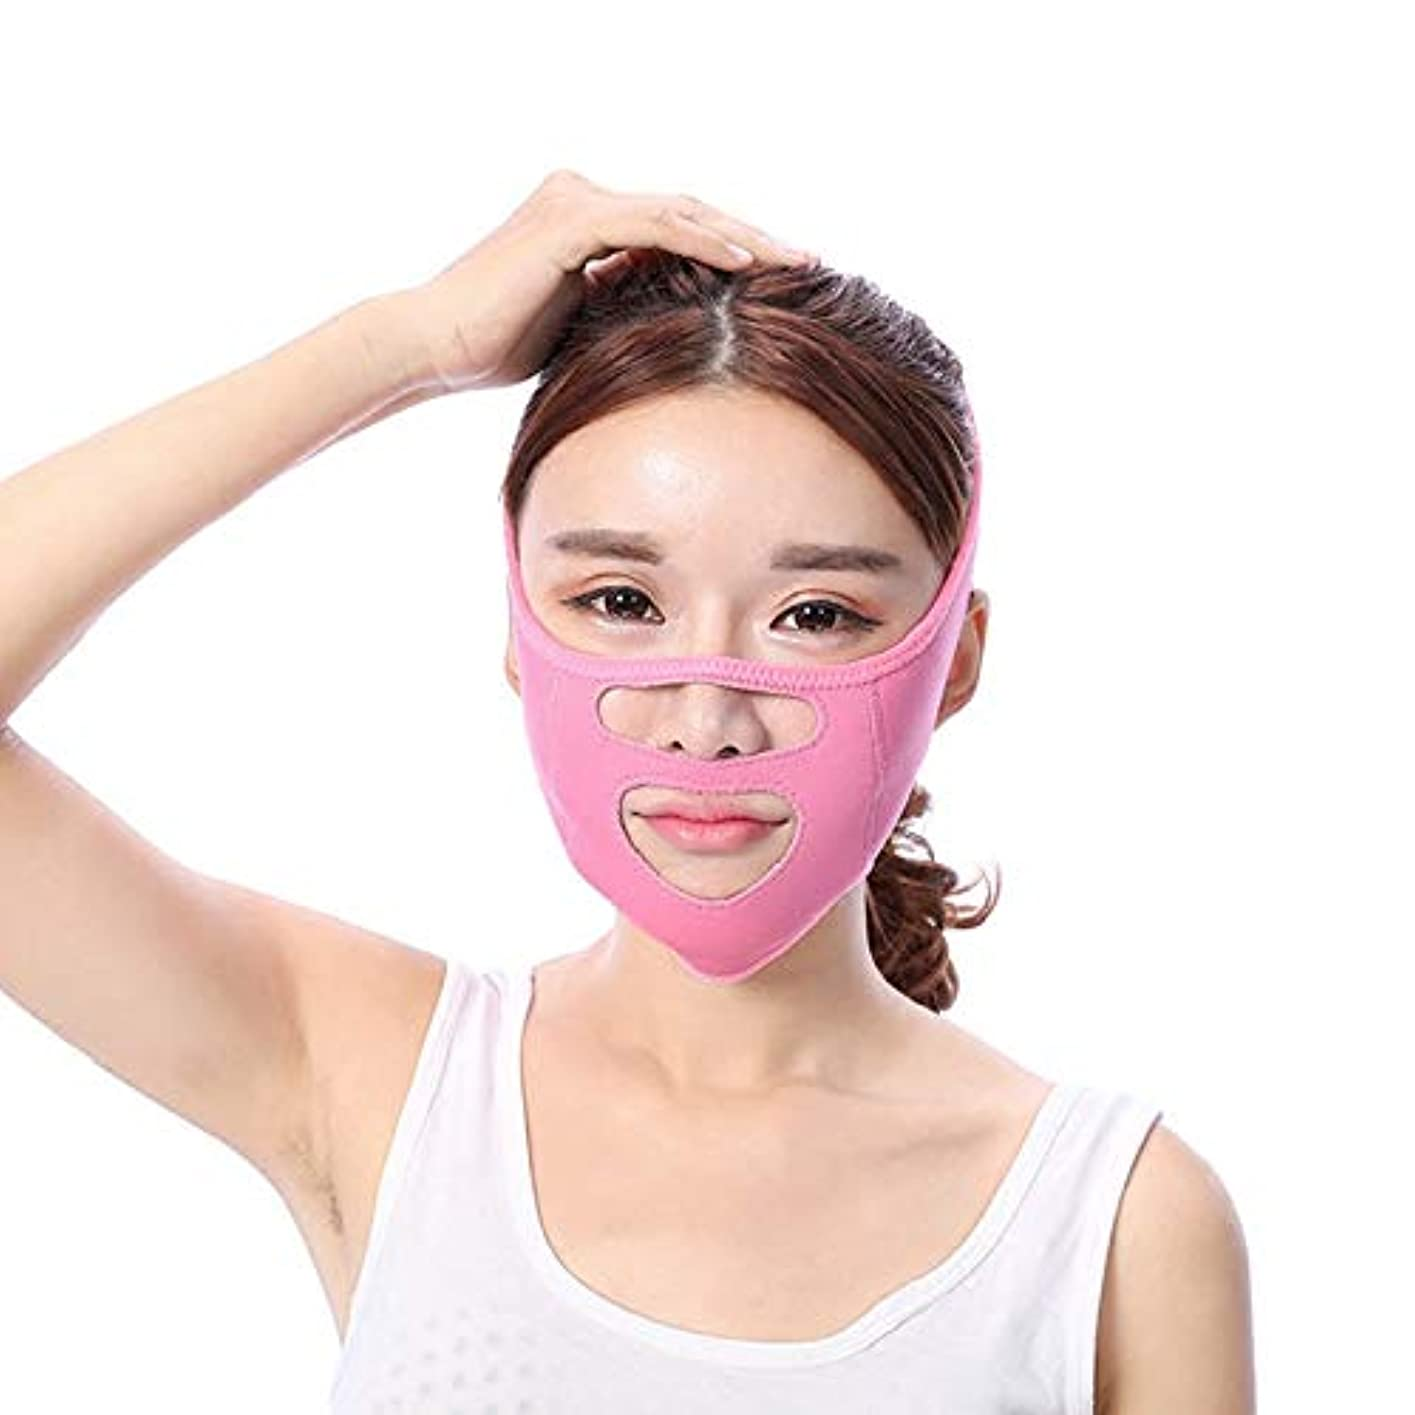 予測するより幻滅する顔の持ち上がる痩身ベルト - あなたの顔のための素晴らしいトレーニング二重あごのワークアウトフェイスマスクベルト薄い顔包帯整形マスクは顔と首を締めますフェイススリム